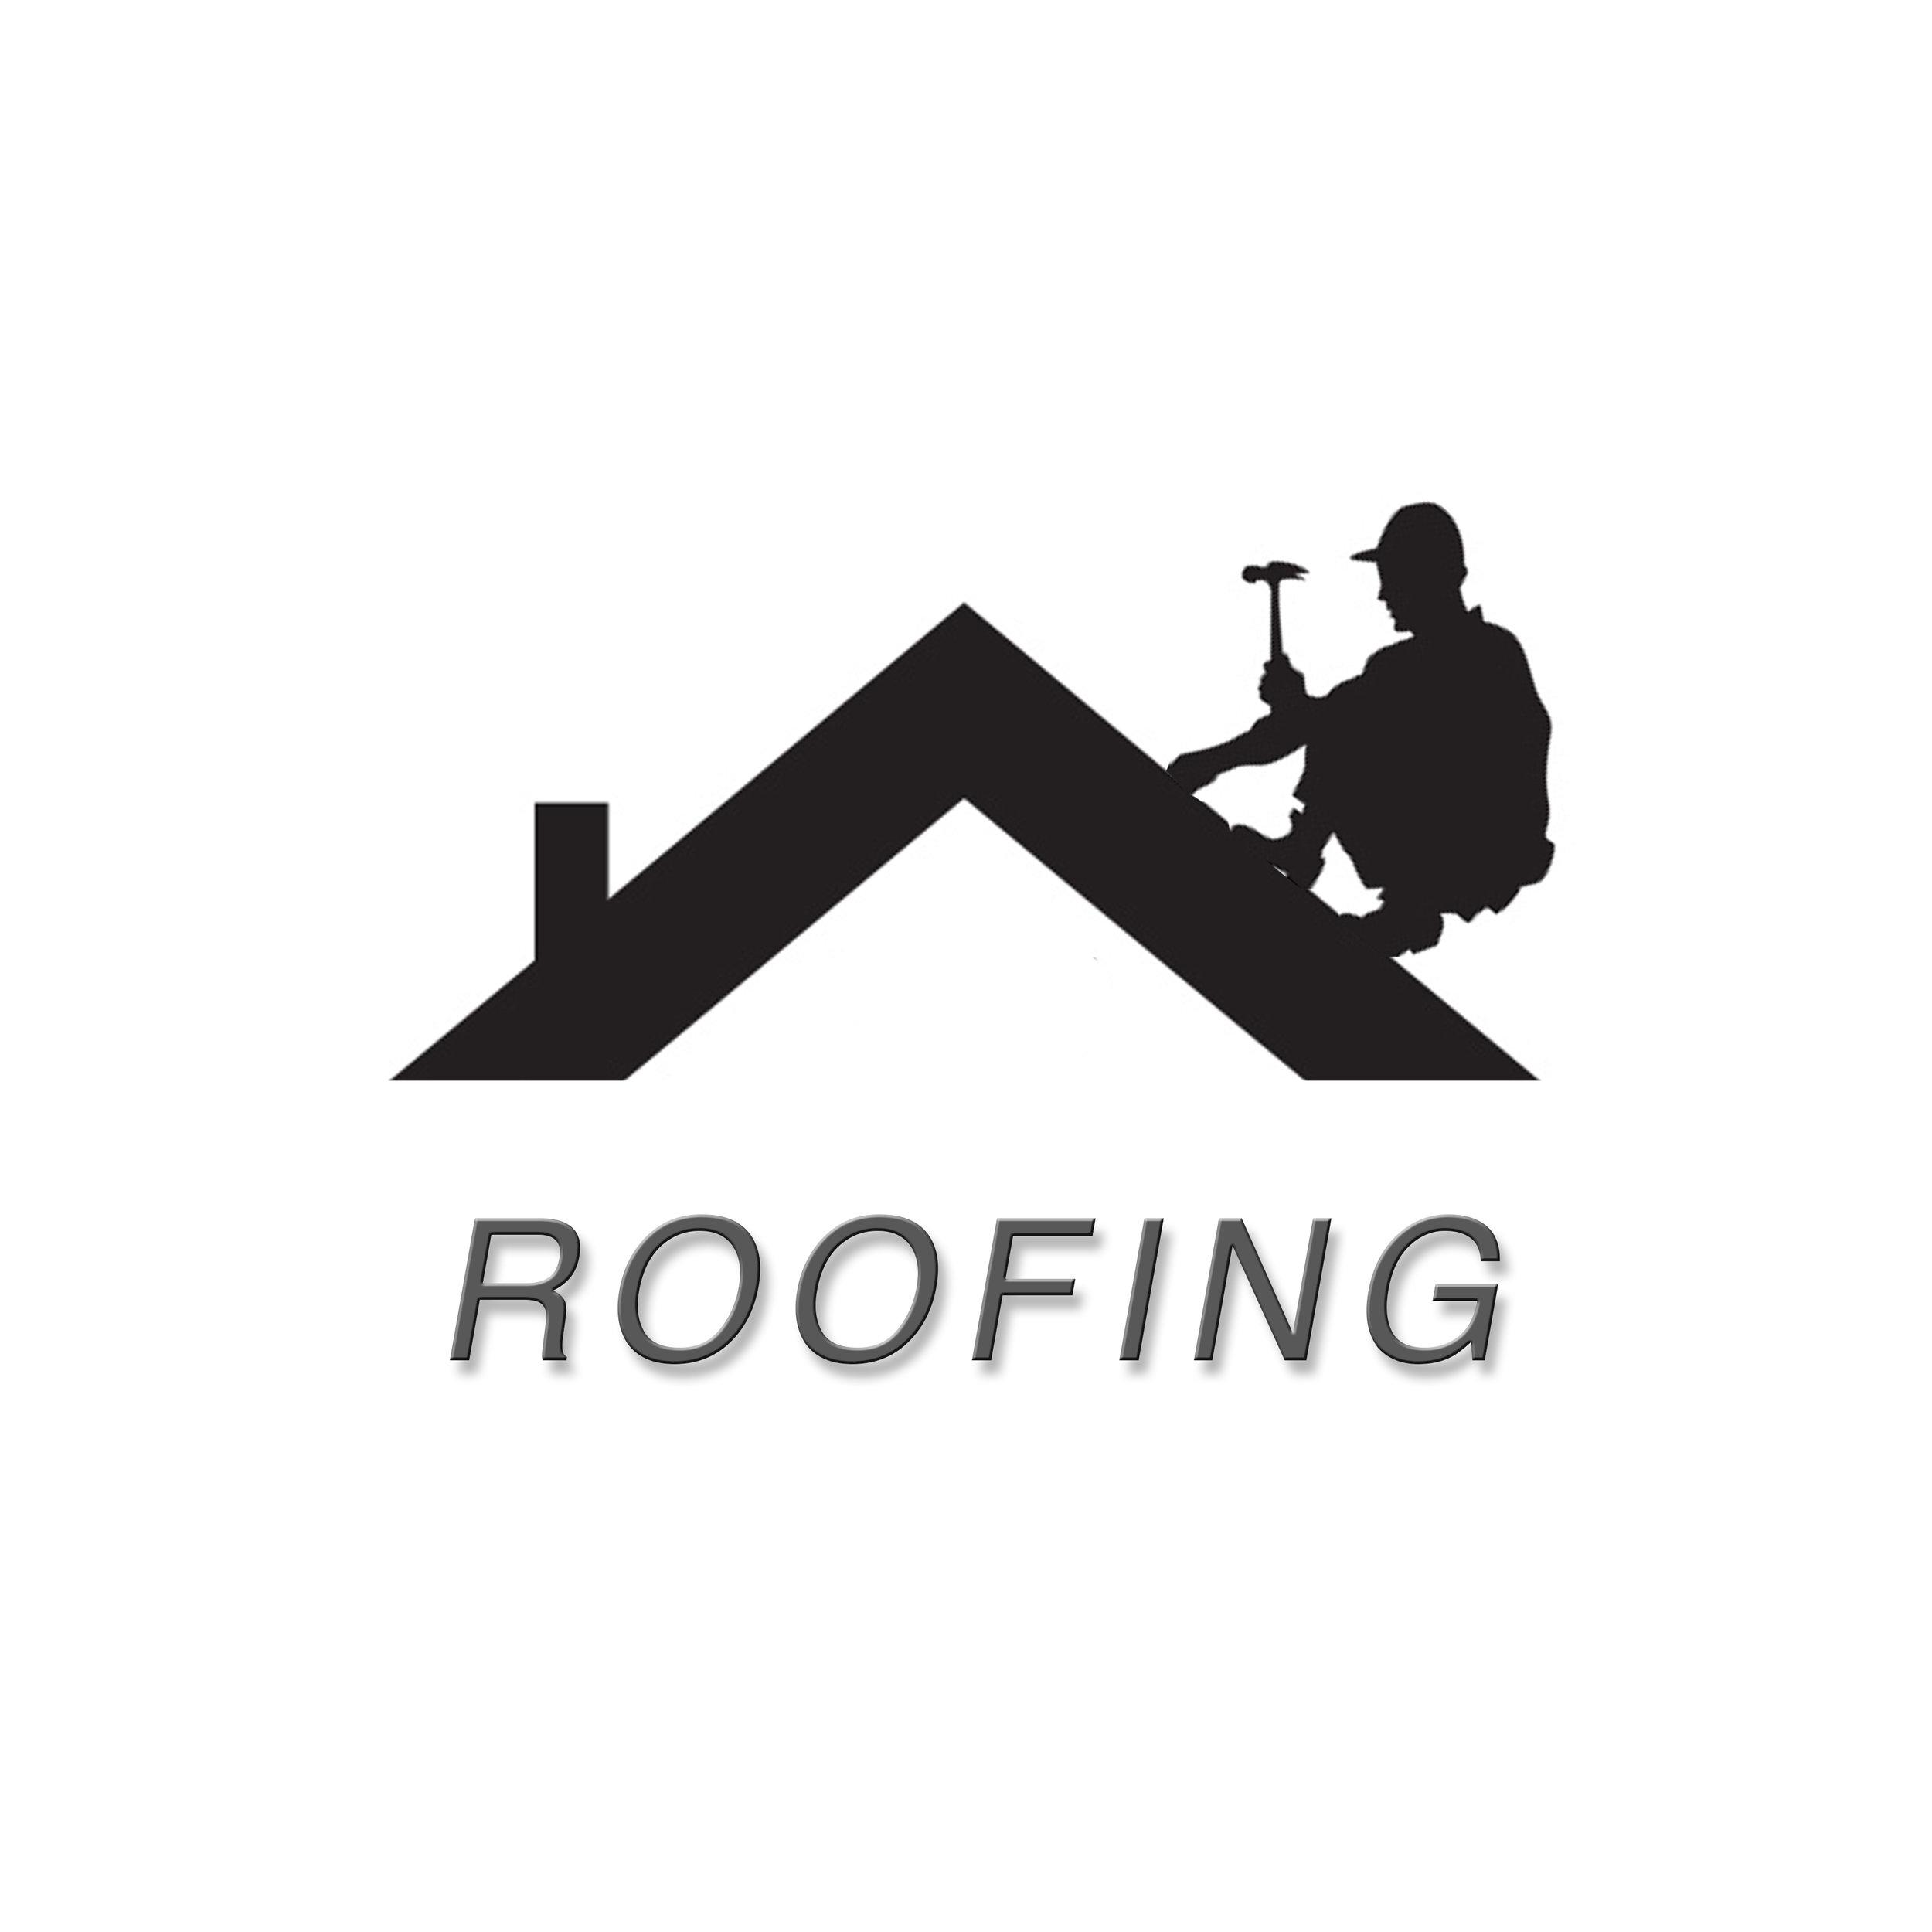 ROOFING square logo.jpg